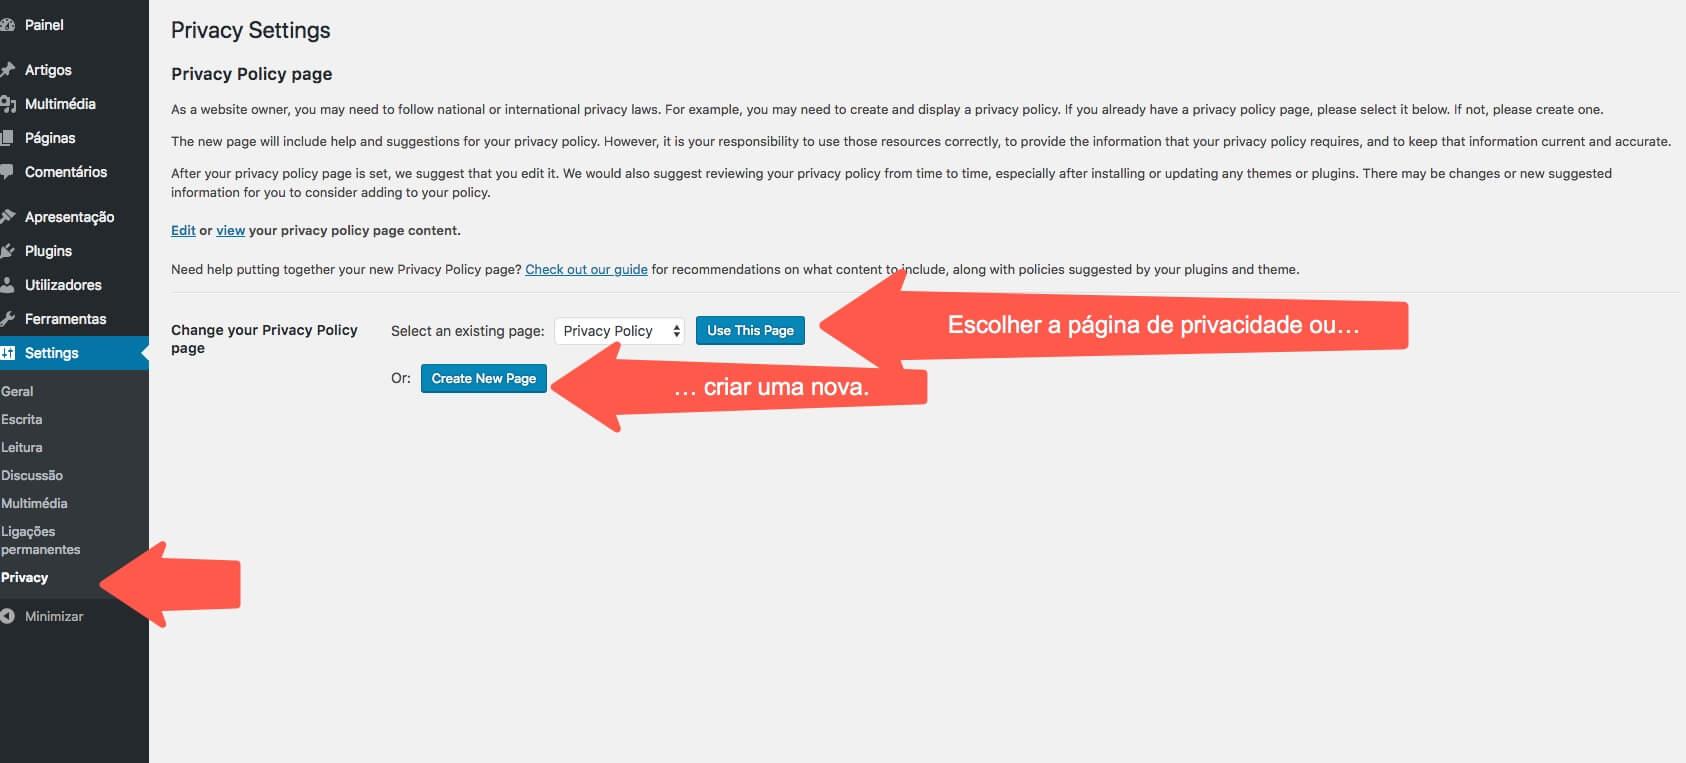 Seleccionar a página de privacidade ou criar uma nova